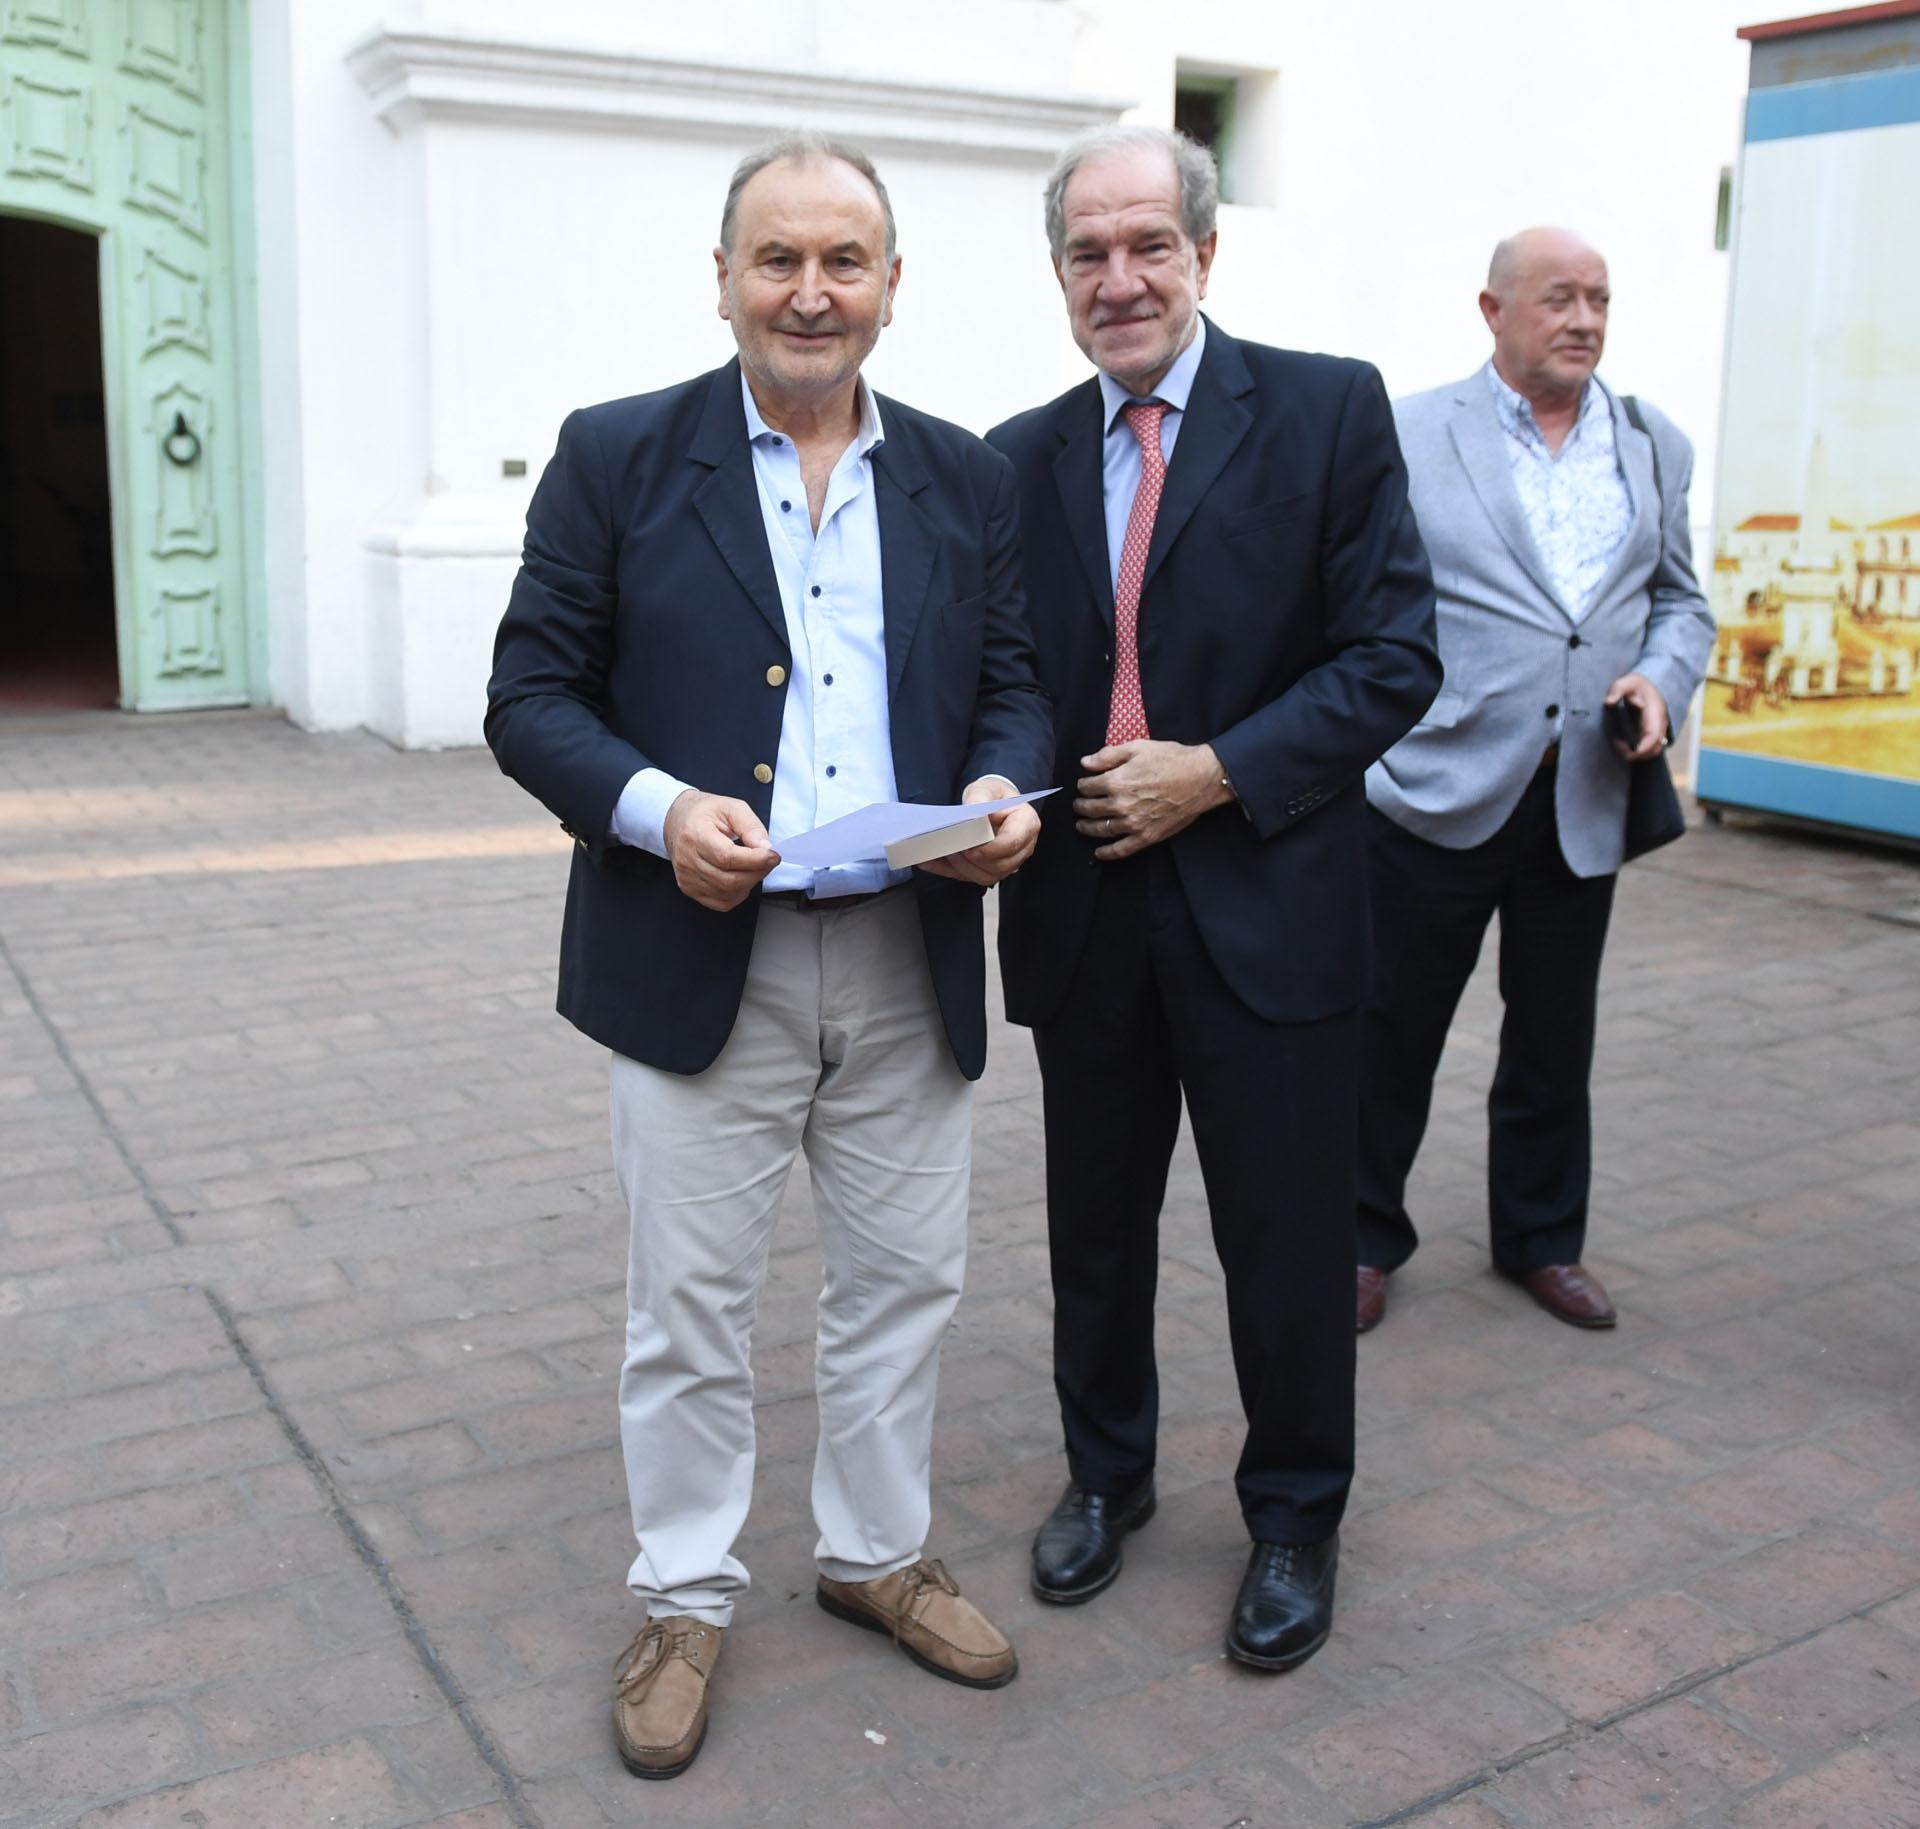 Carlos Lunghi, director de Fotografía de Perfil, y Héctor D'Amico